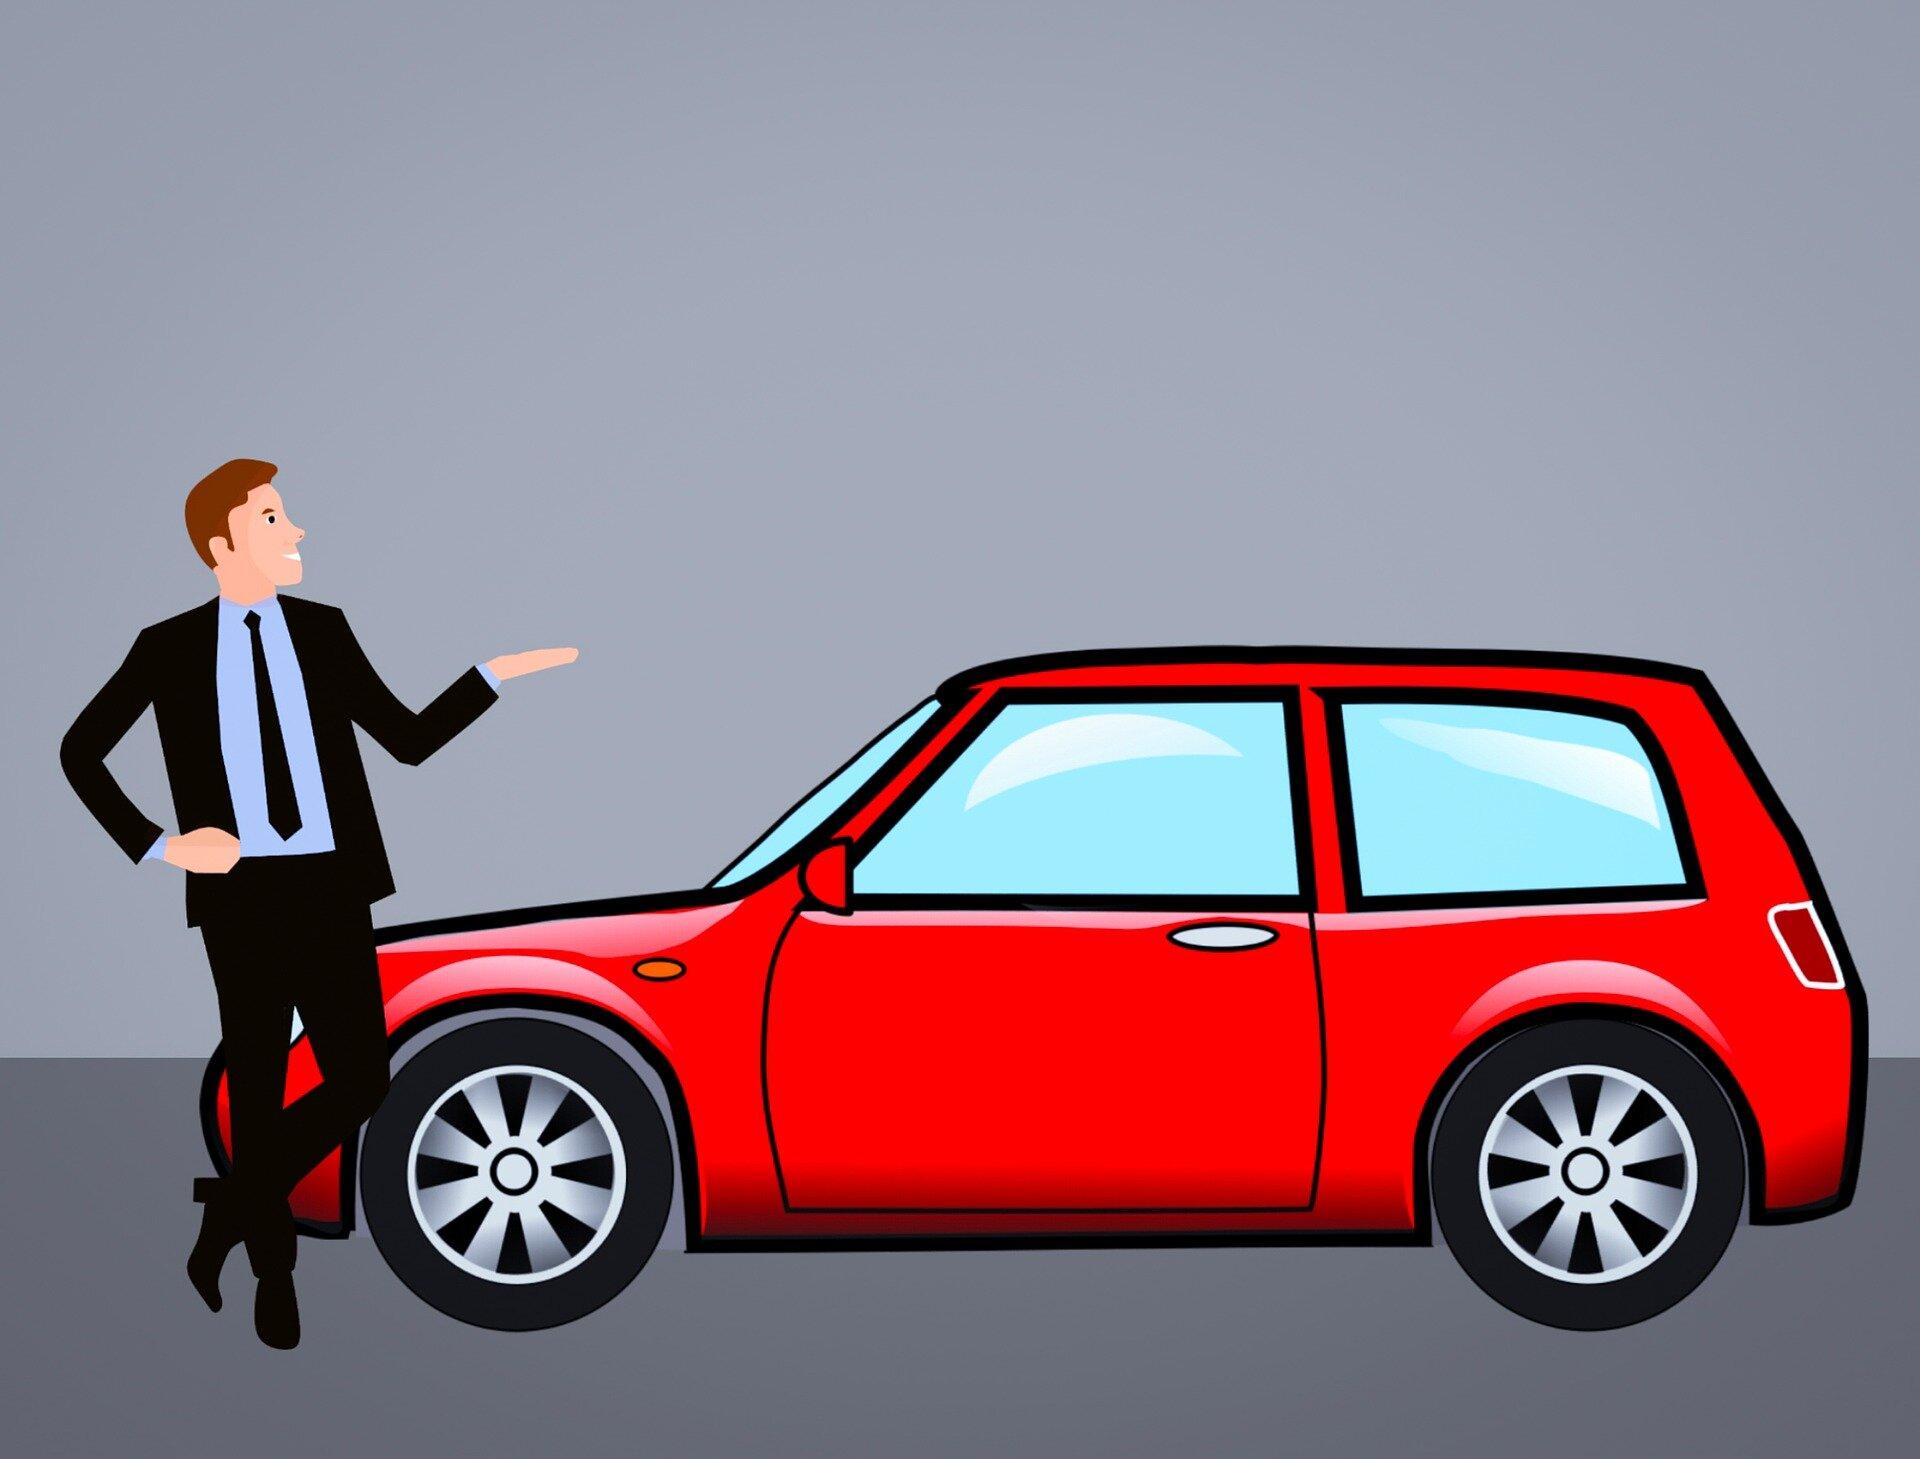 Как оформляется договор купли-продажи авто между физическими лицами